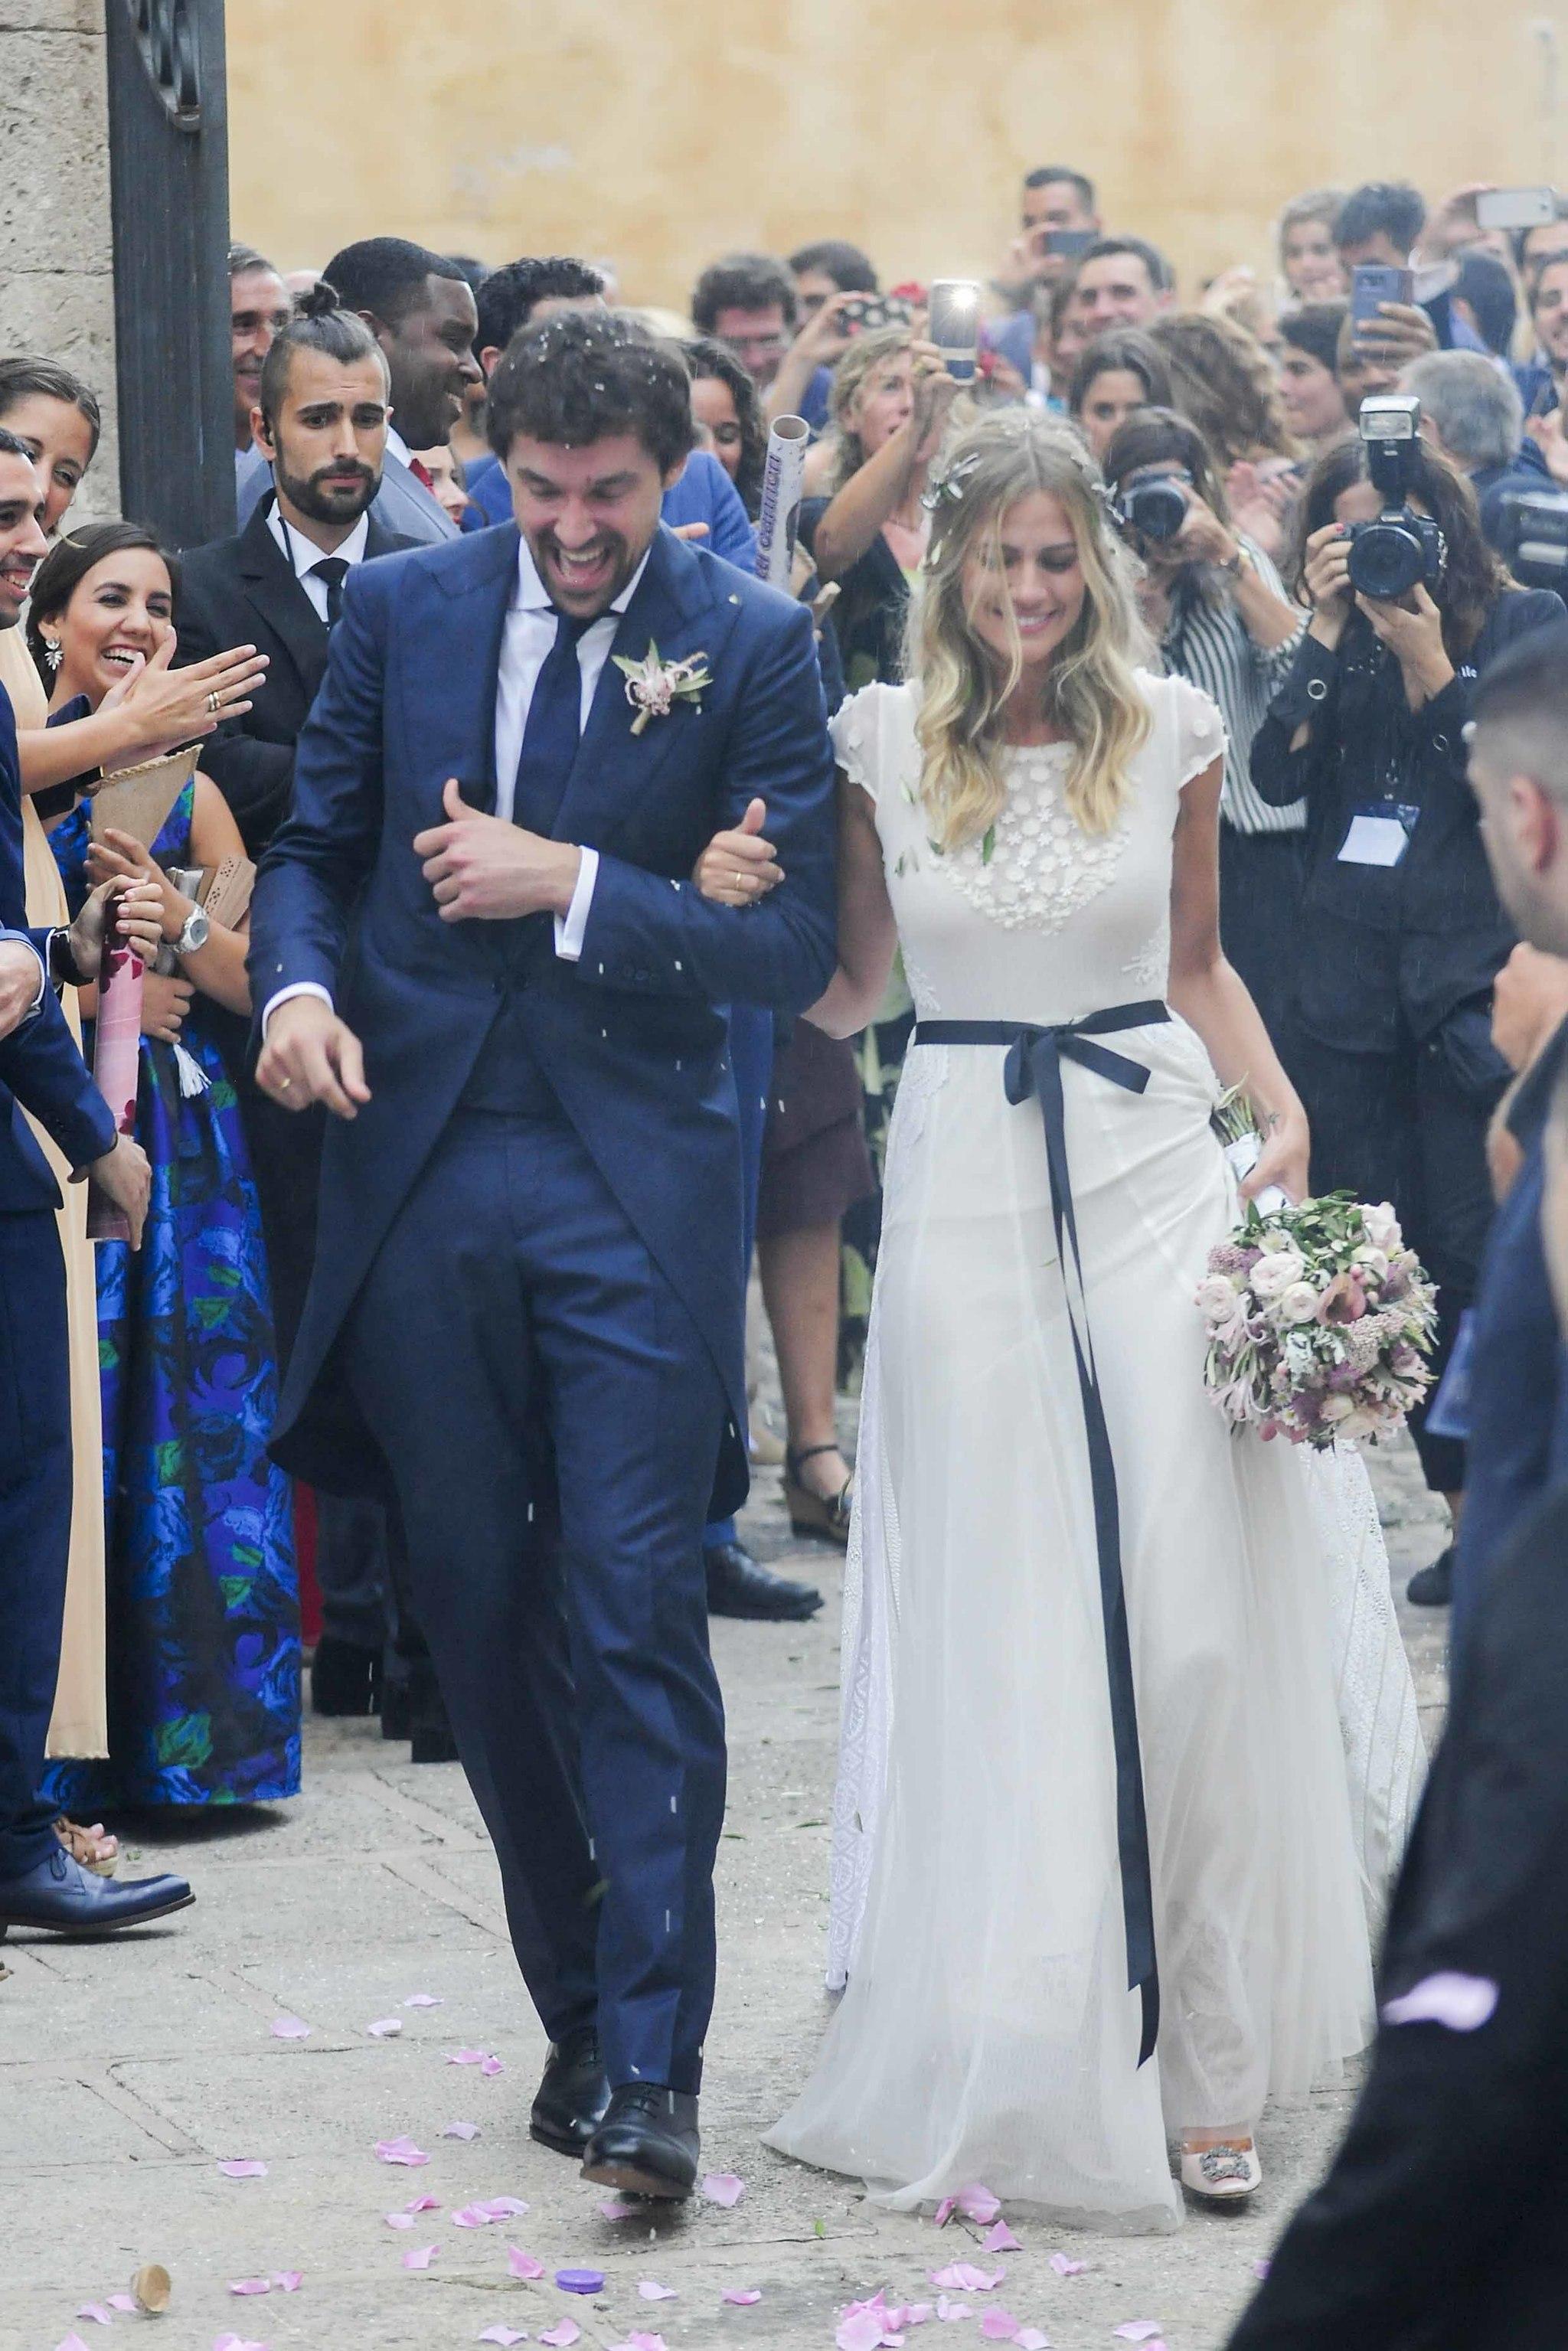 La boda de Sergio Llull y Almudena Cánovas en Menorca